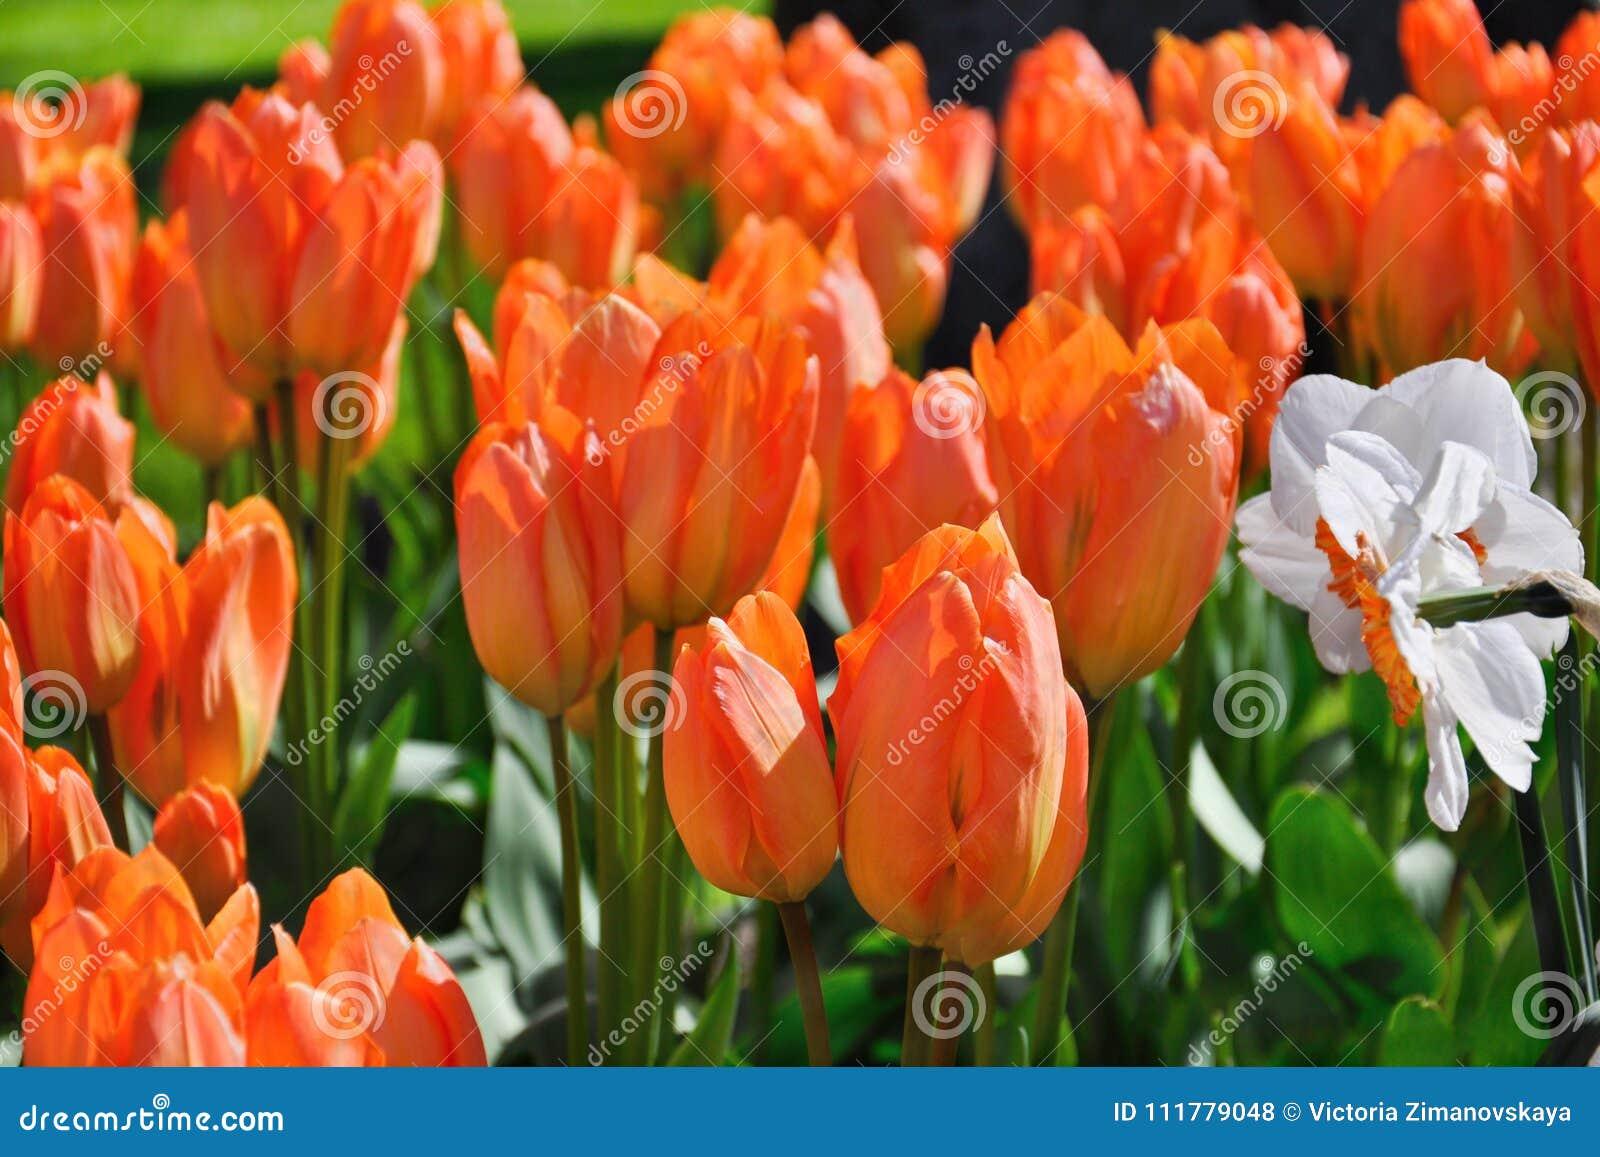 Orange Flame Spring Tulips Keukenhoff Netherlands